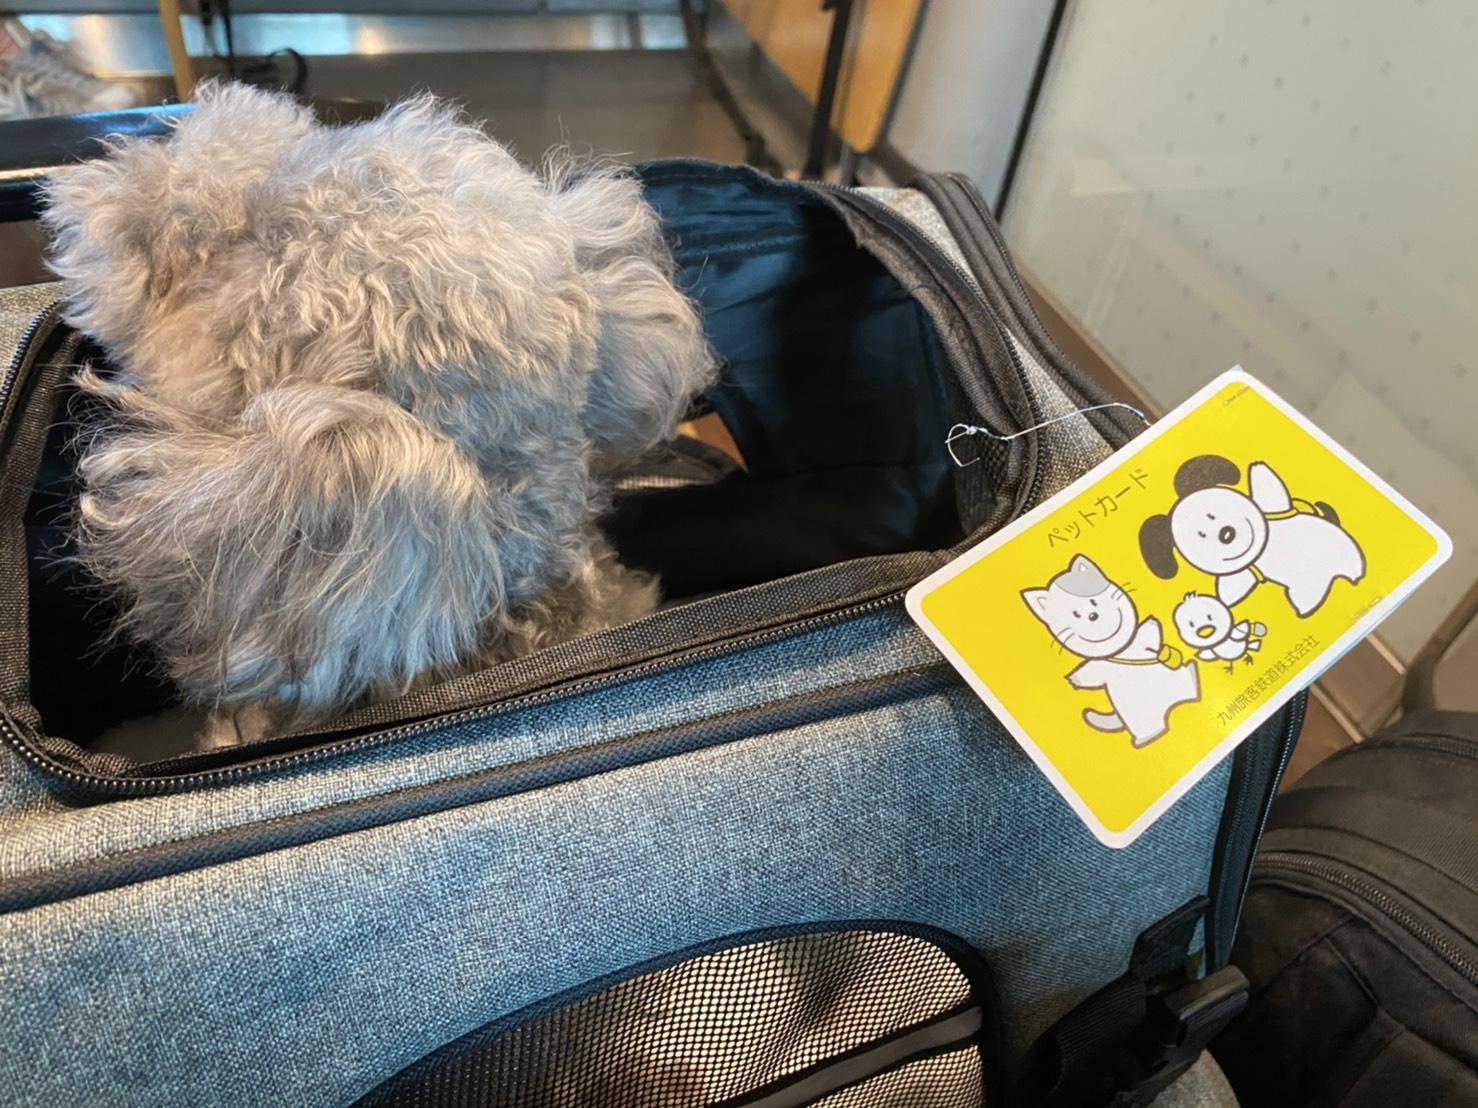 お犬さんと新幹線で千葉から長崎へ!【おすすめペットキャリーも紹介】